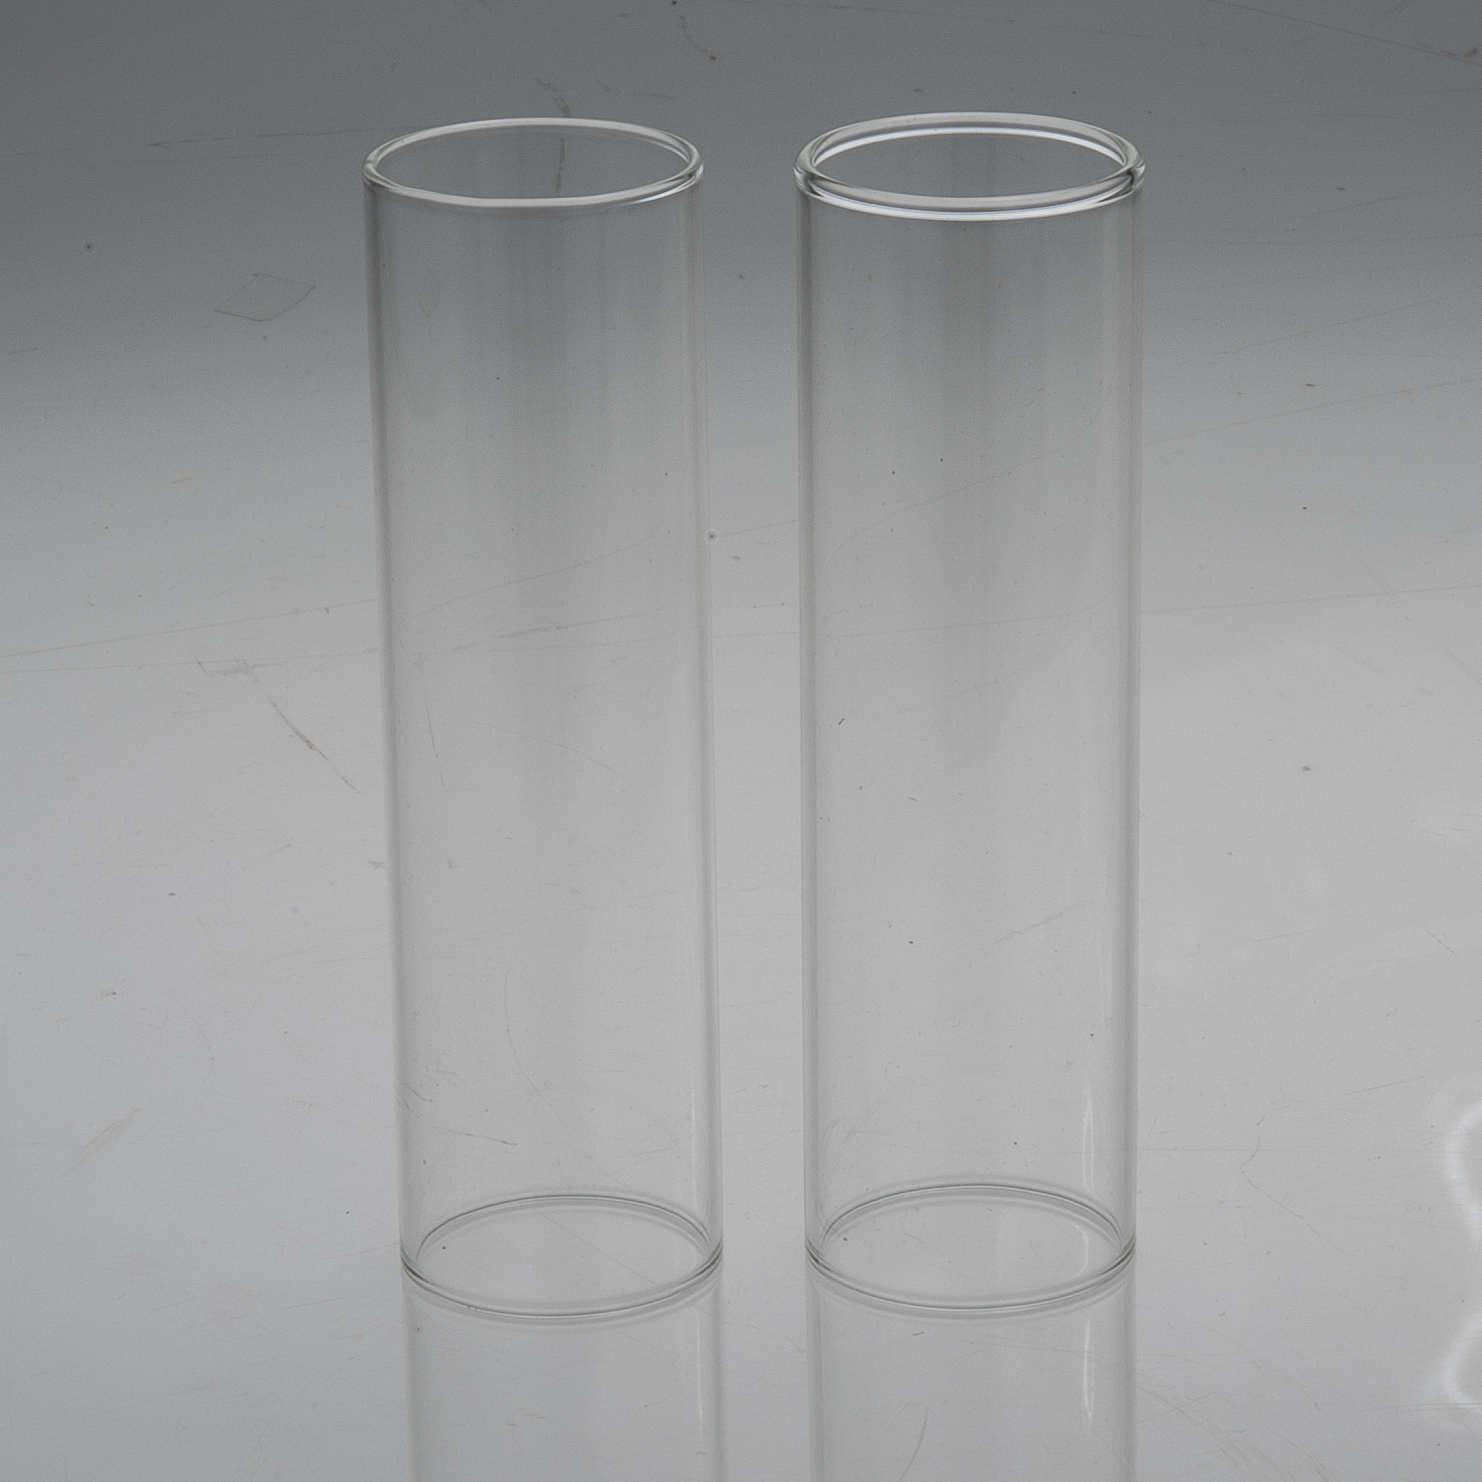 Pareja de cilindros de vidrio diámetro de 3,5 3